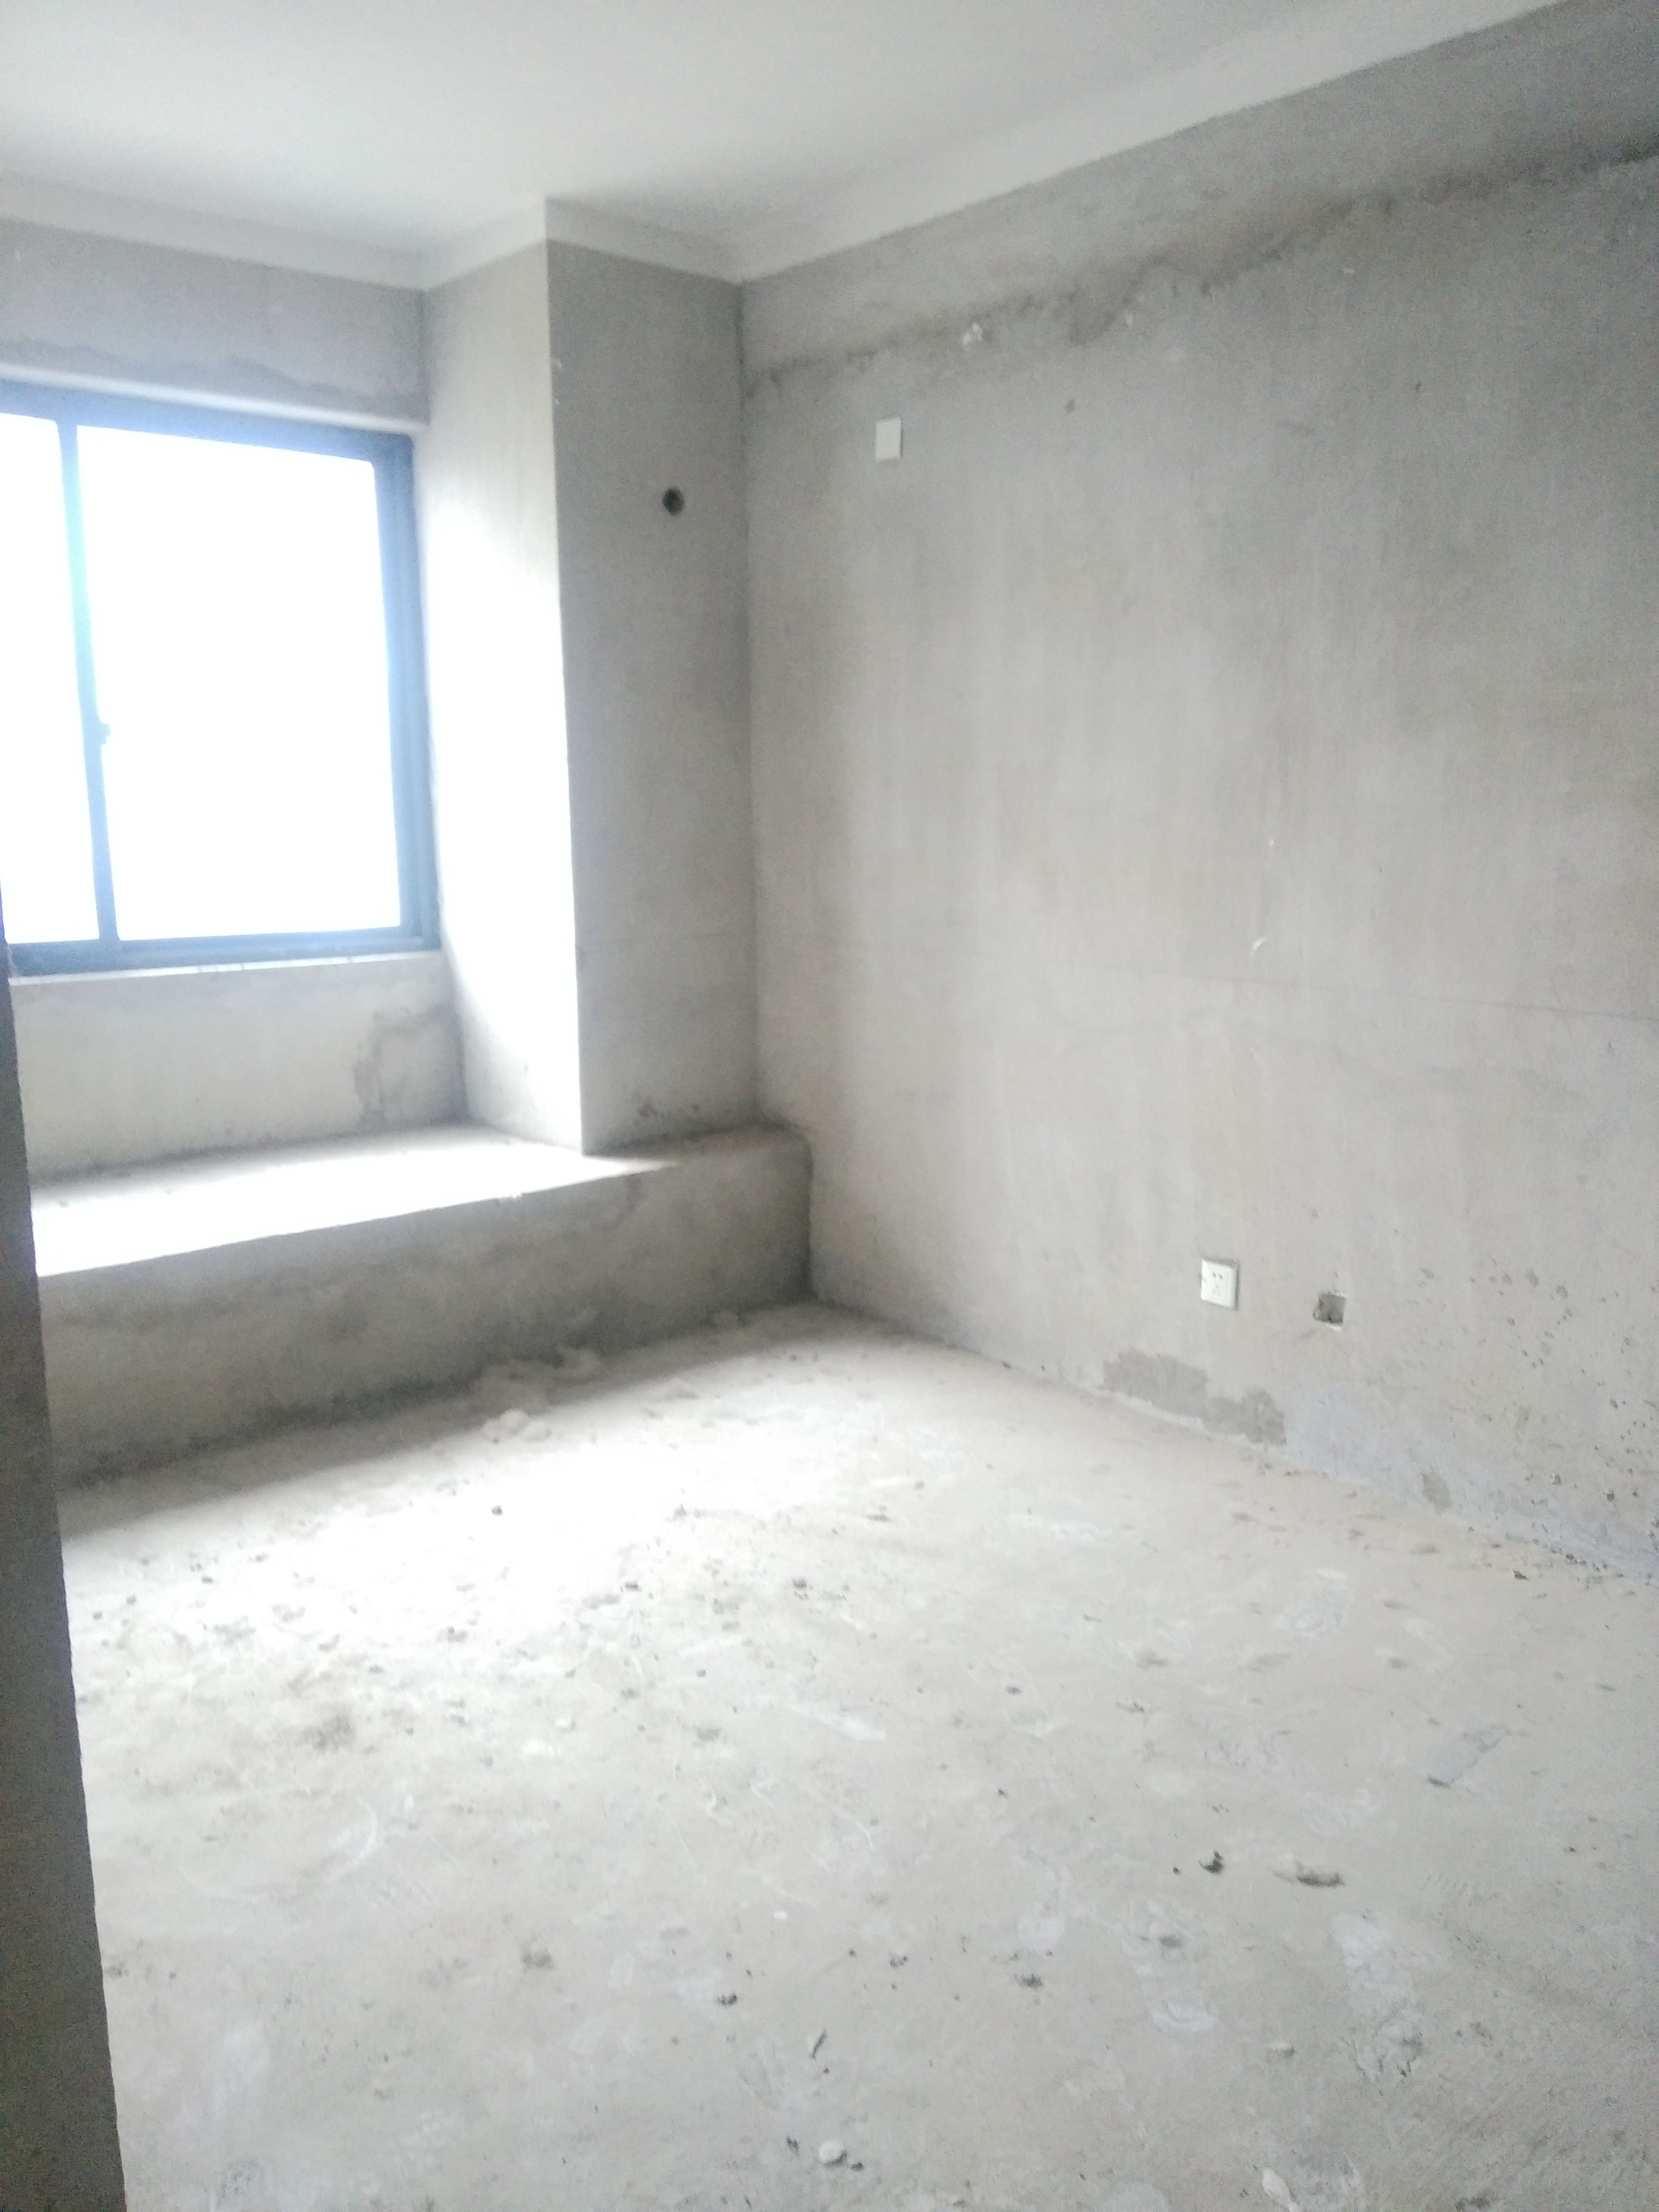 志高壹代城 3室2厅 新毛坯房 发财楼层 随时看房 老证